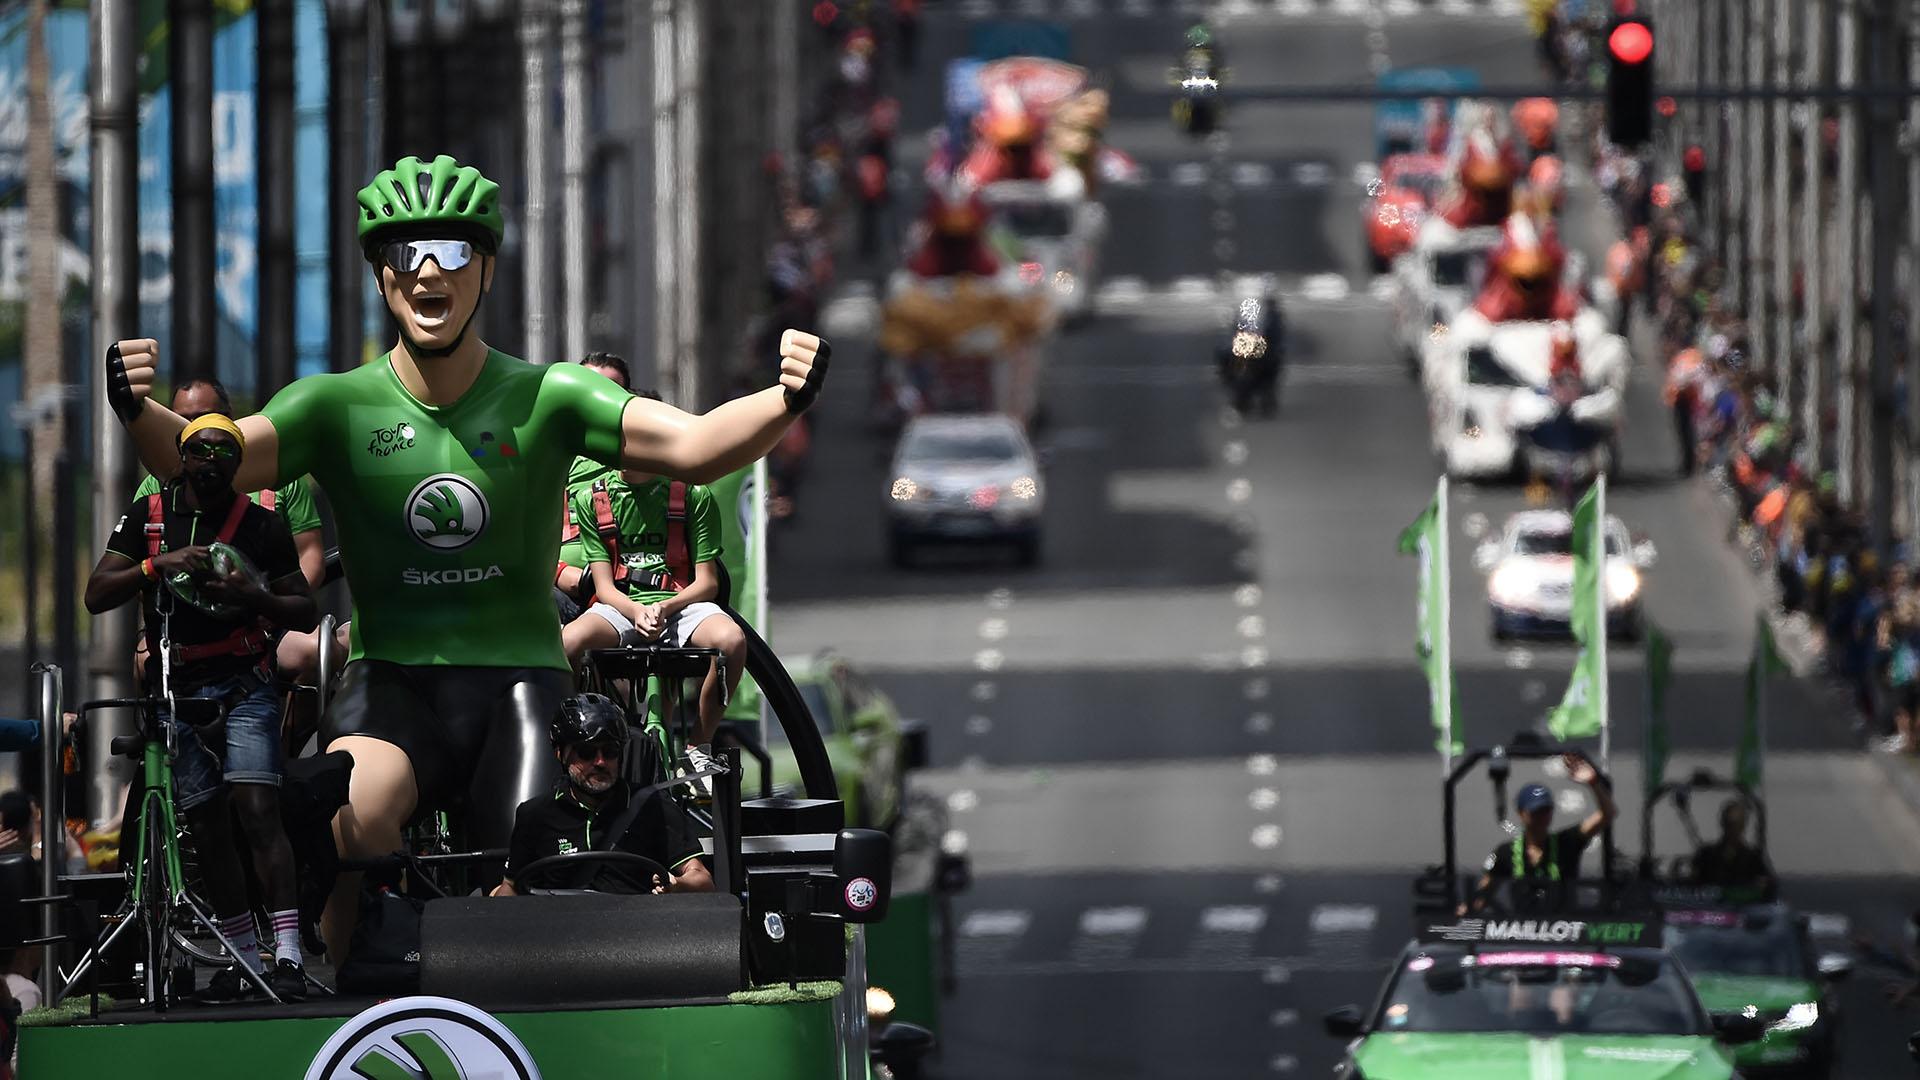 El más perjudicado fue el francés Romain Bardet, del Ag2r, que se dejó menos de un minuto con respecto a los jefes de filas del Ineos